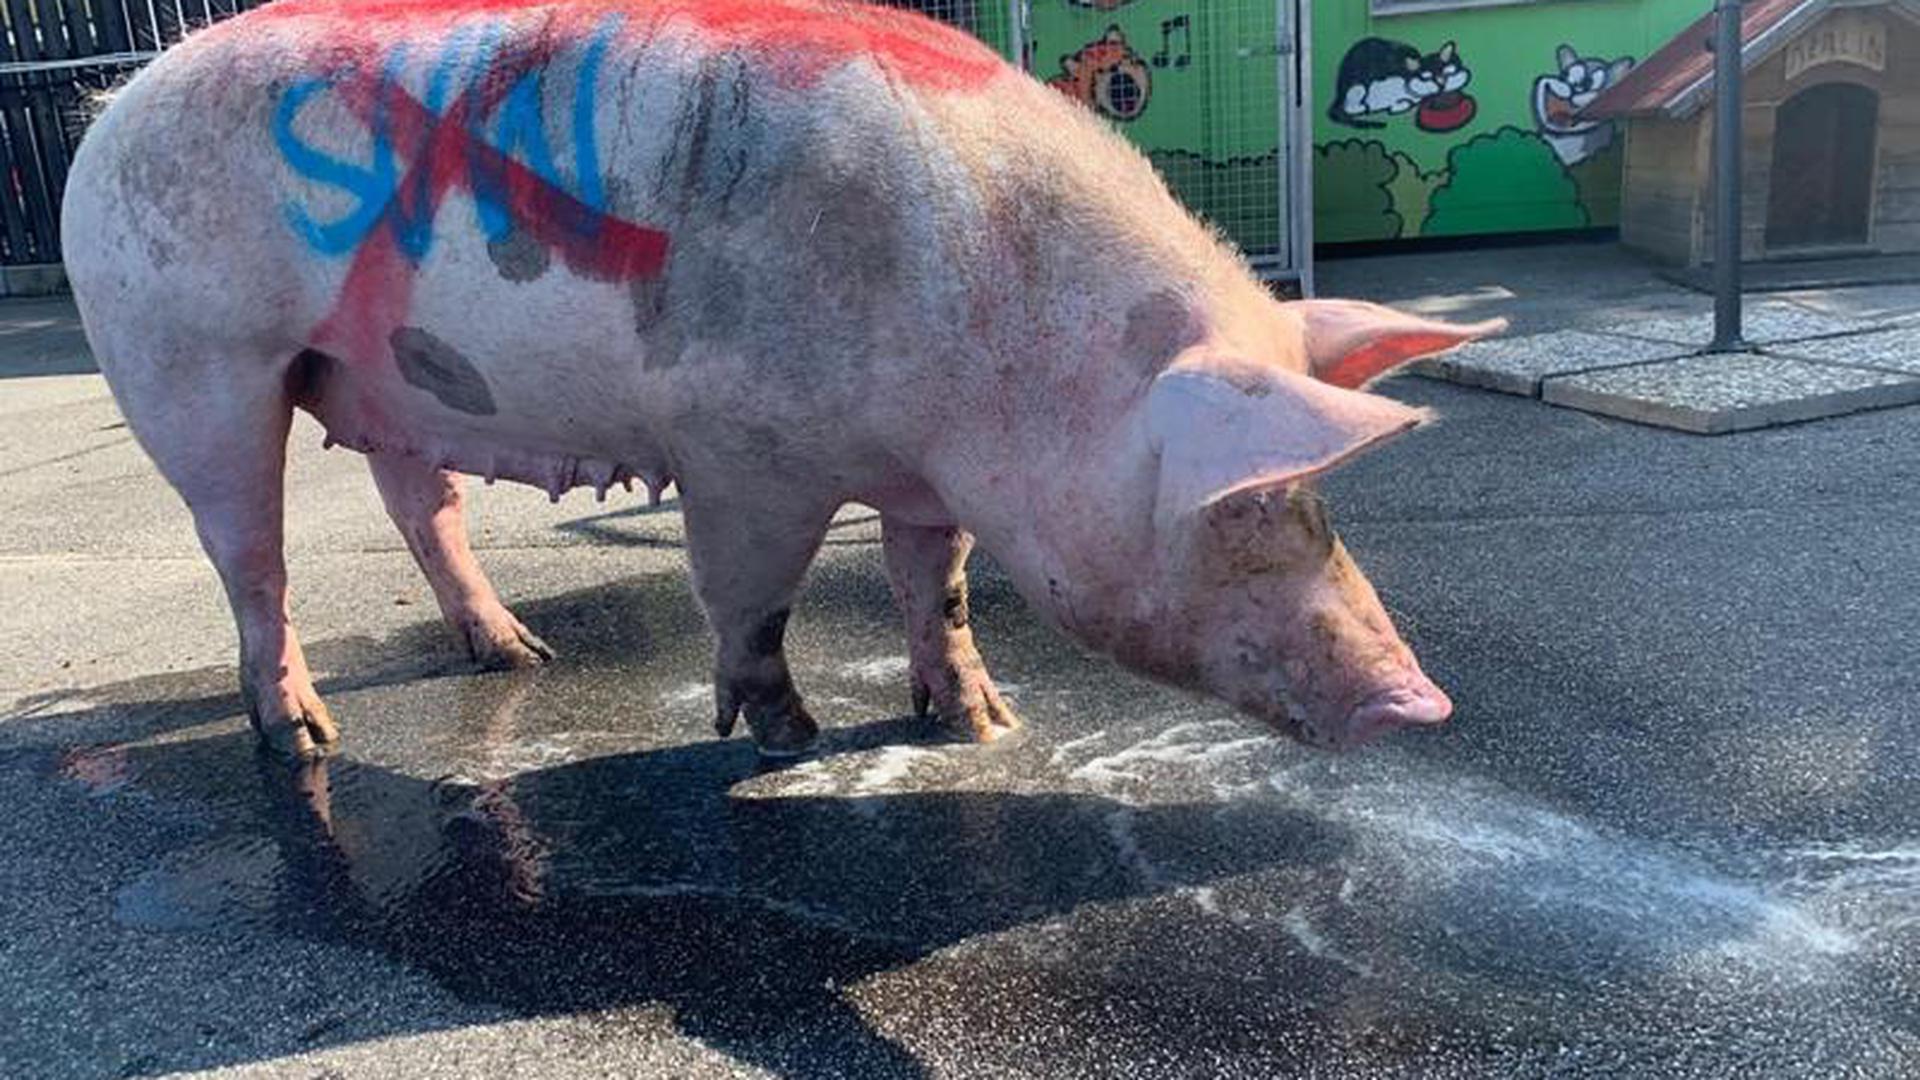 Schwein mit Parole gegen Fußballclub besprüht